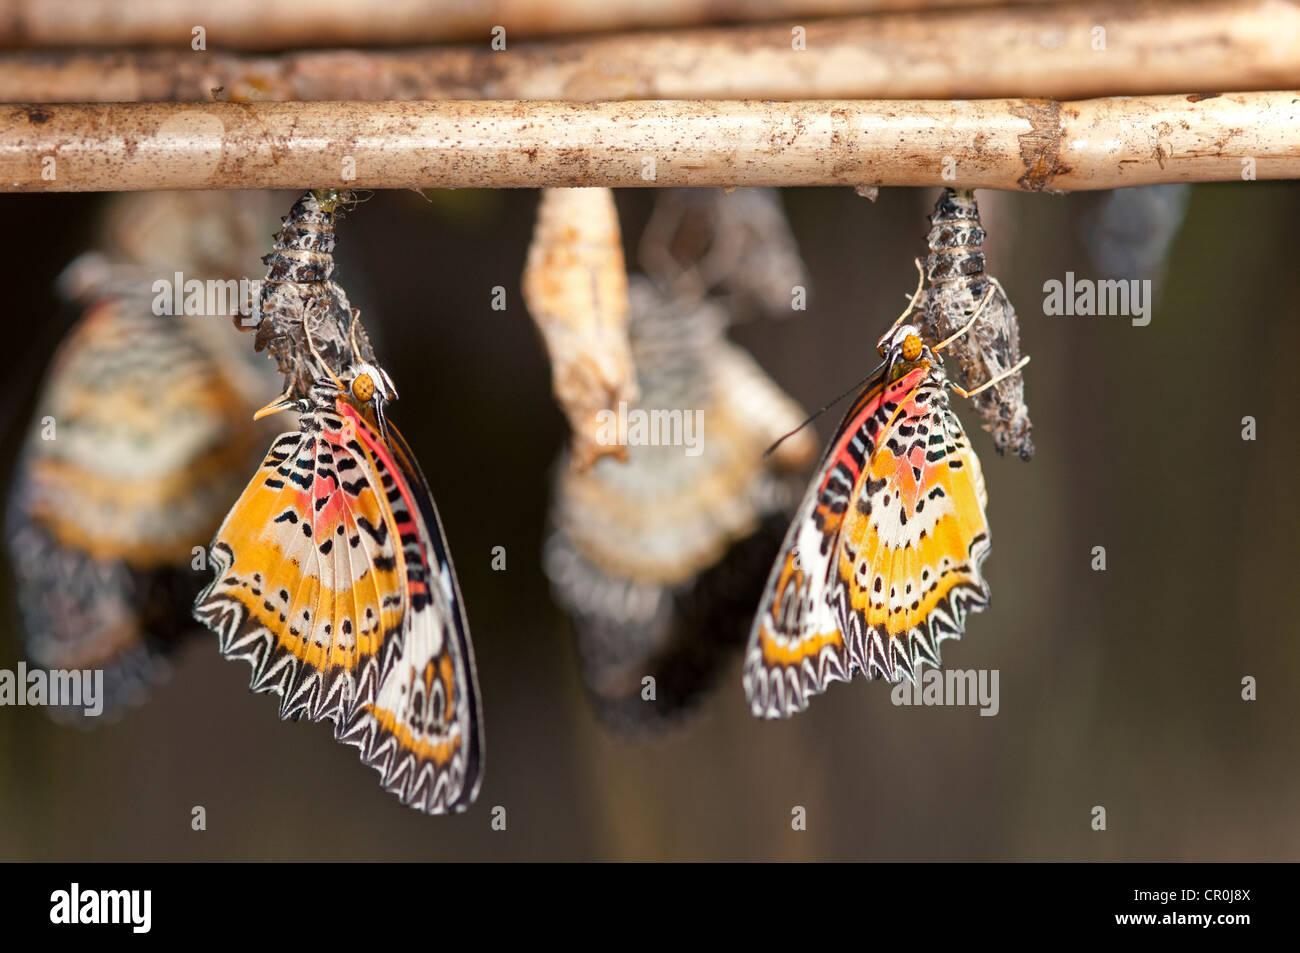 Sono emerse di recente le farfalle del genere Cethosia, Siem Reap, Cambogia, Asia sud-orientale, Asia Immagini Stock